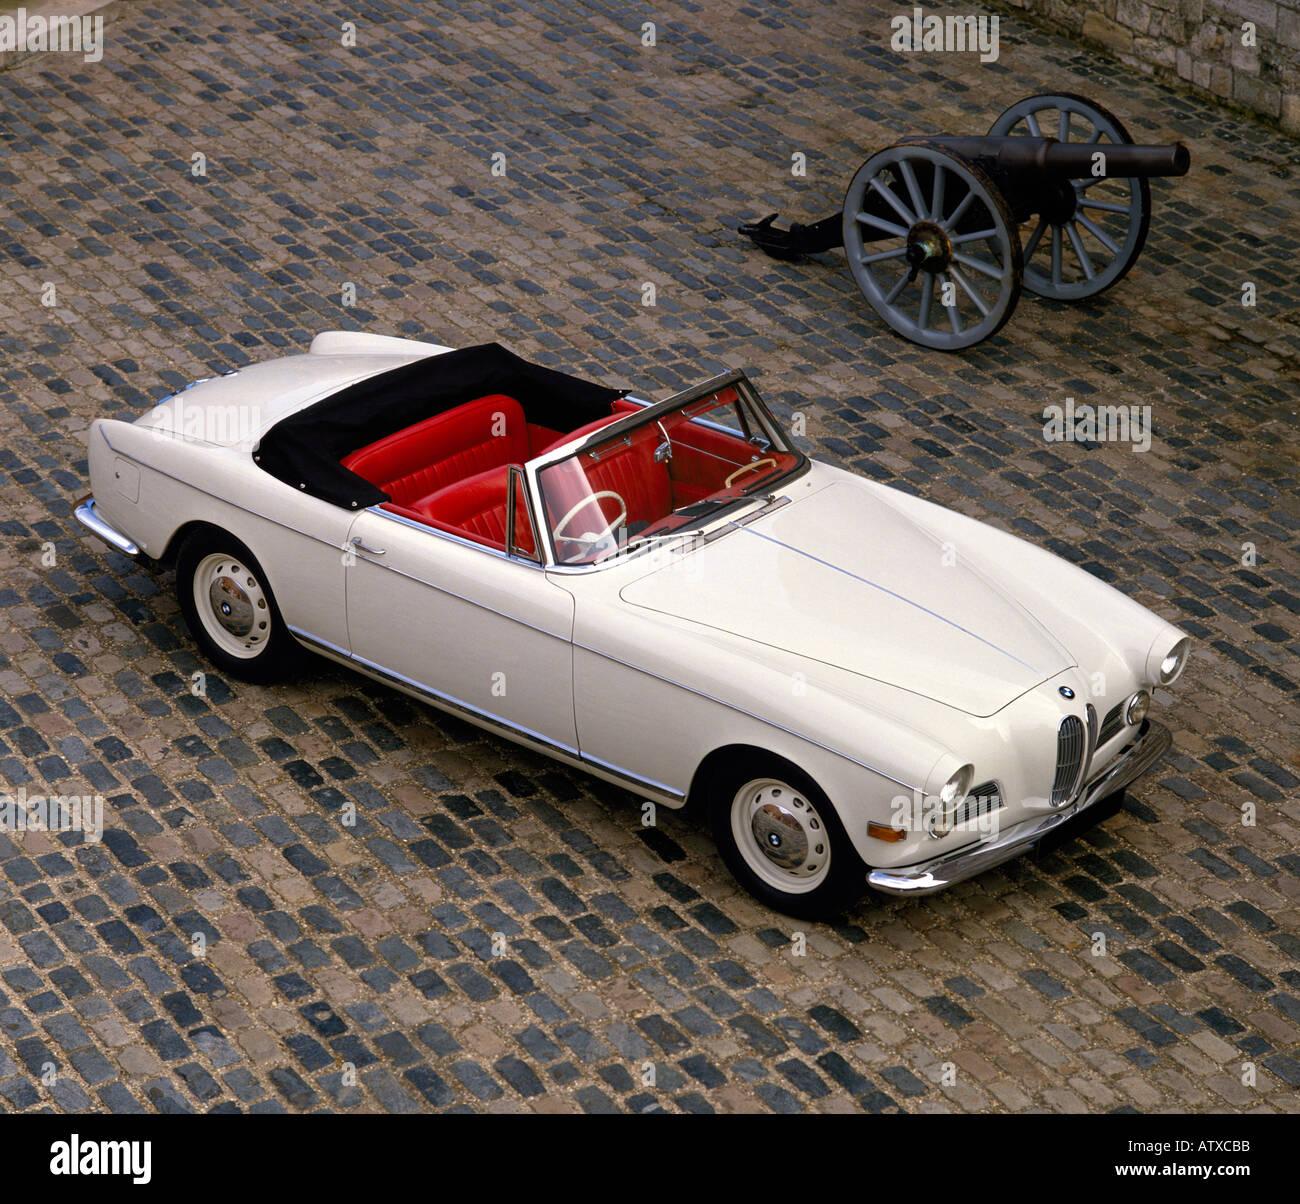 Classic Bmw Convertible Car Stockfotos Und Bilder Kaufen Alamy